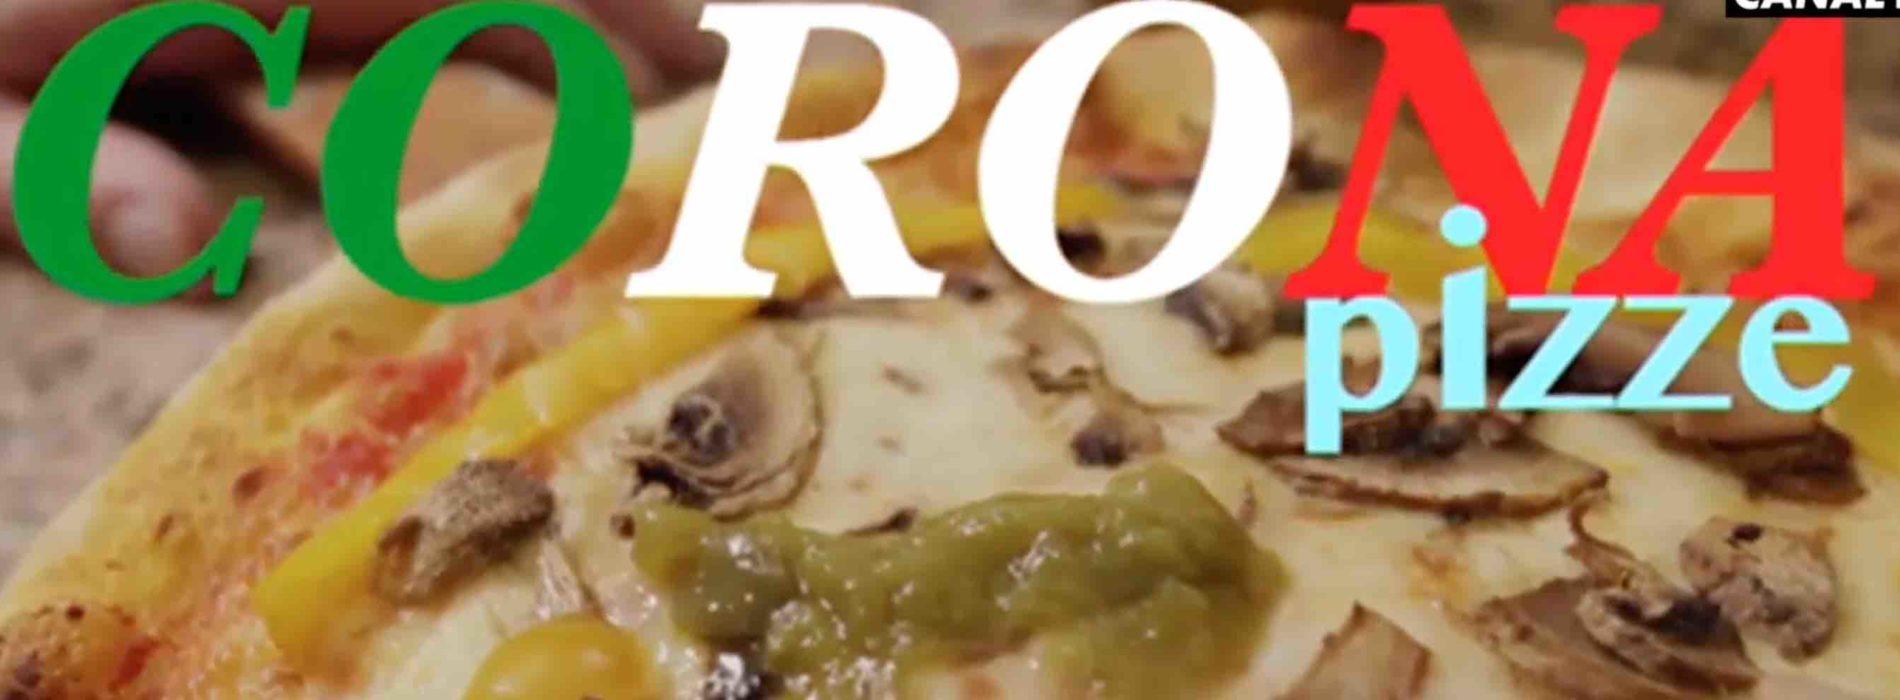 """Pizza e coronavirus, il video """"satirico"""" e odioso dei francesi"""